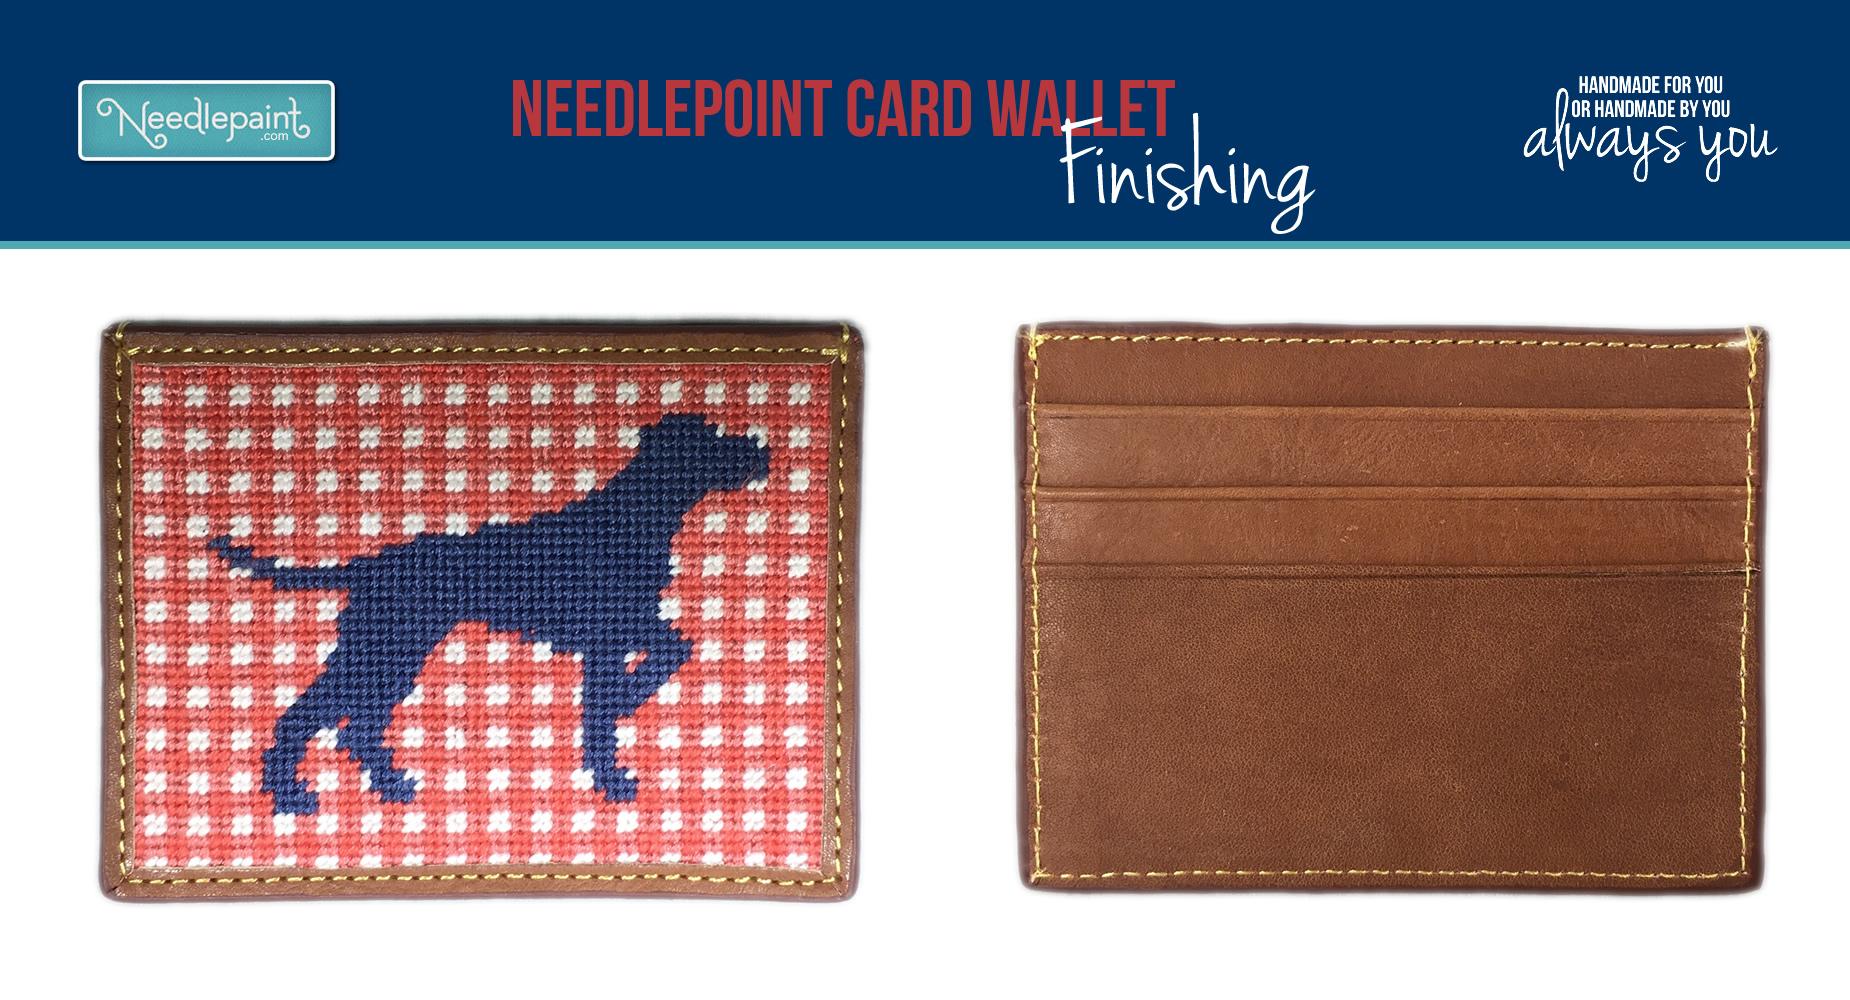 Needlepoint Card Wallet Finishing